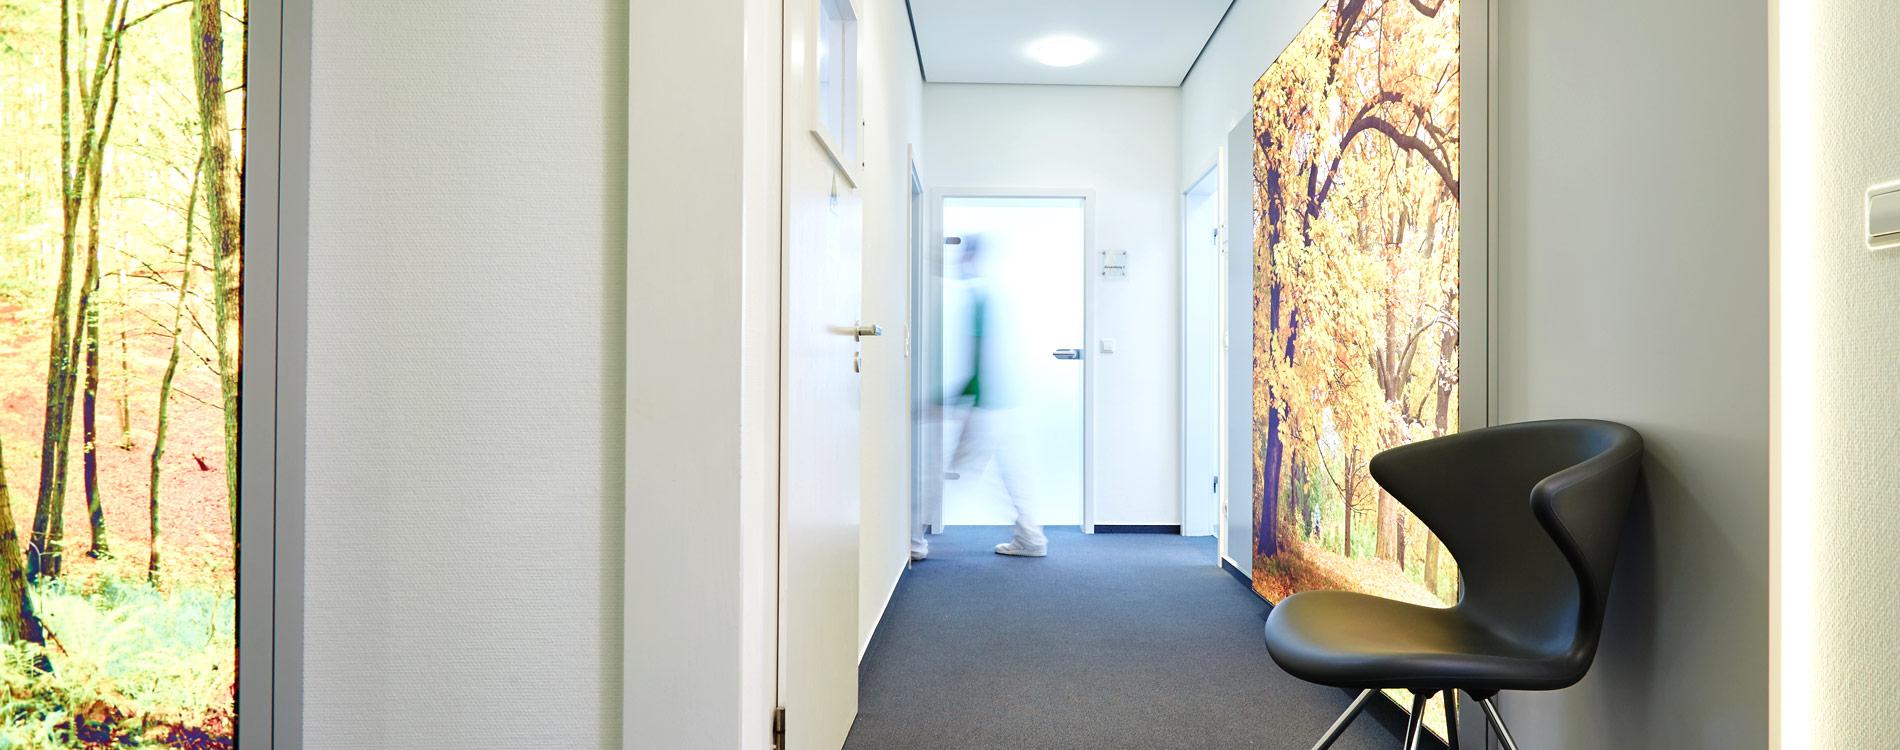 Zahnarztpraxis Ingo Lange - Sportschutz 1